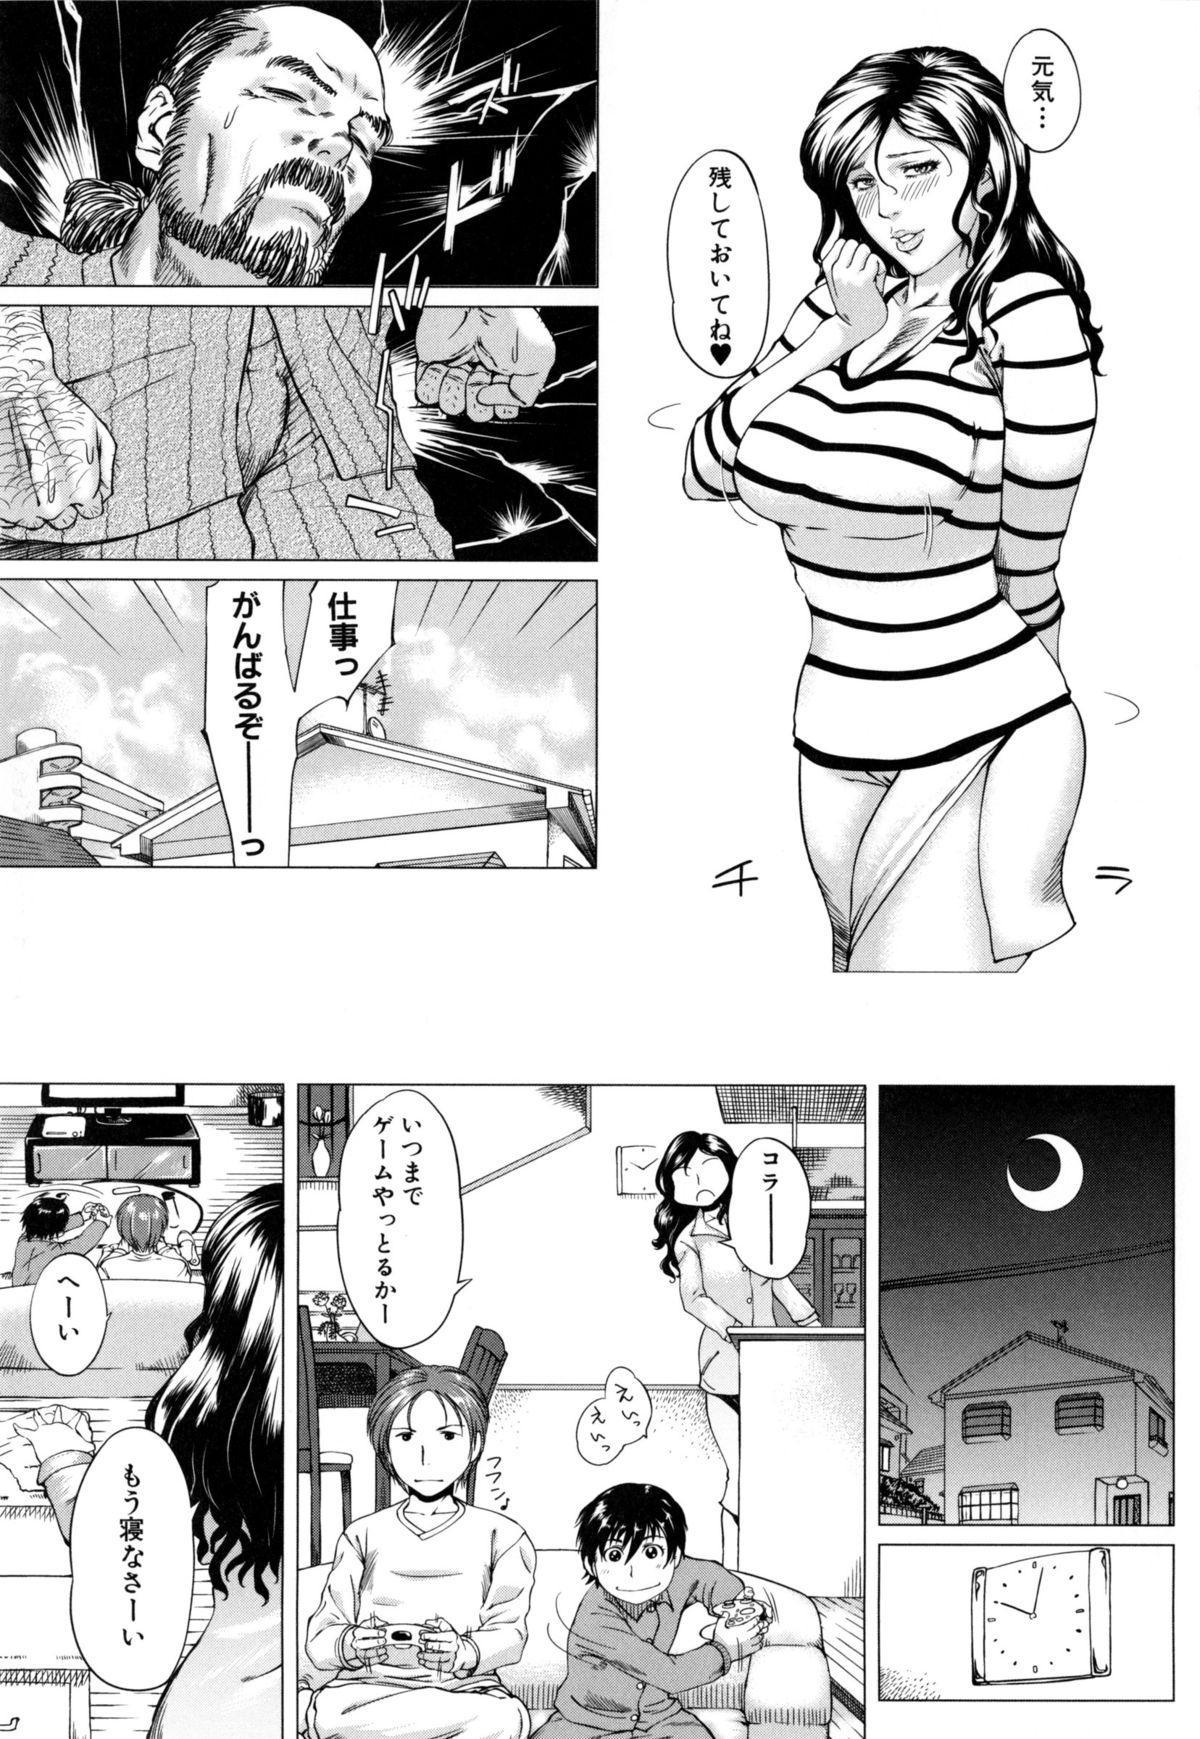 Kaasan no Ijyou na Aijyou 156